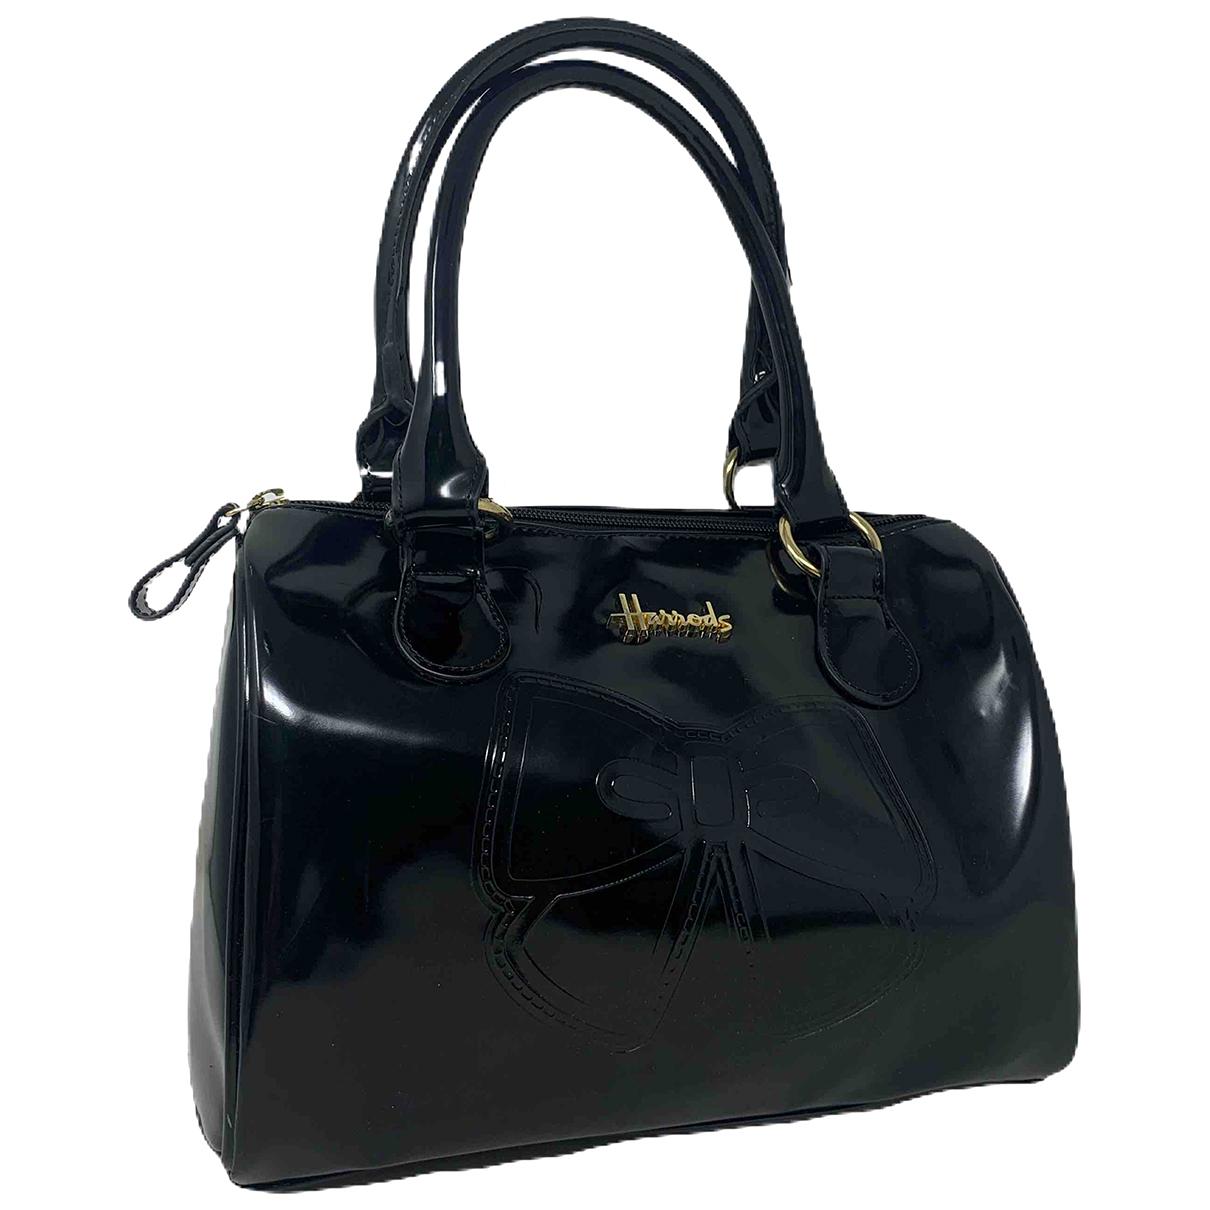 Harrods \N Black Patent leather handbag for Women \N